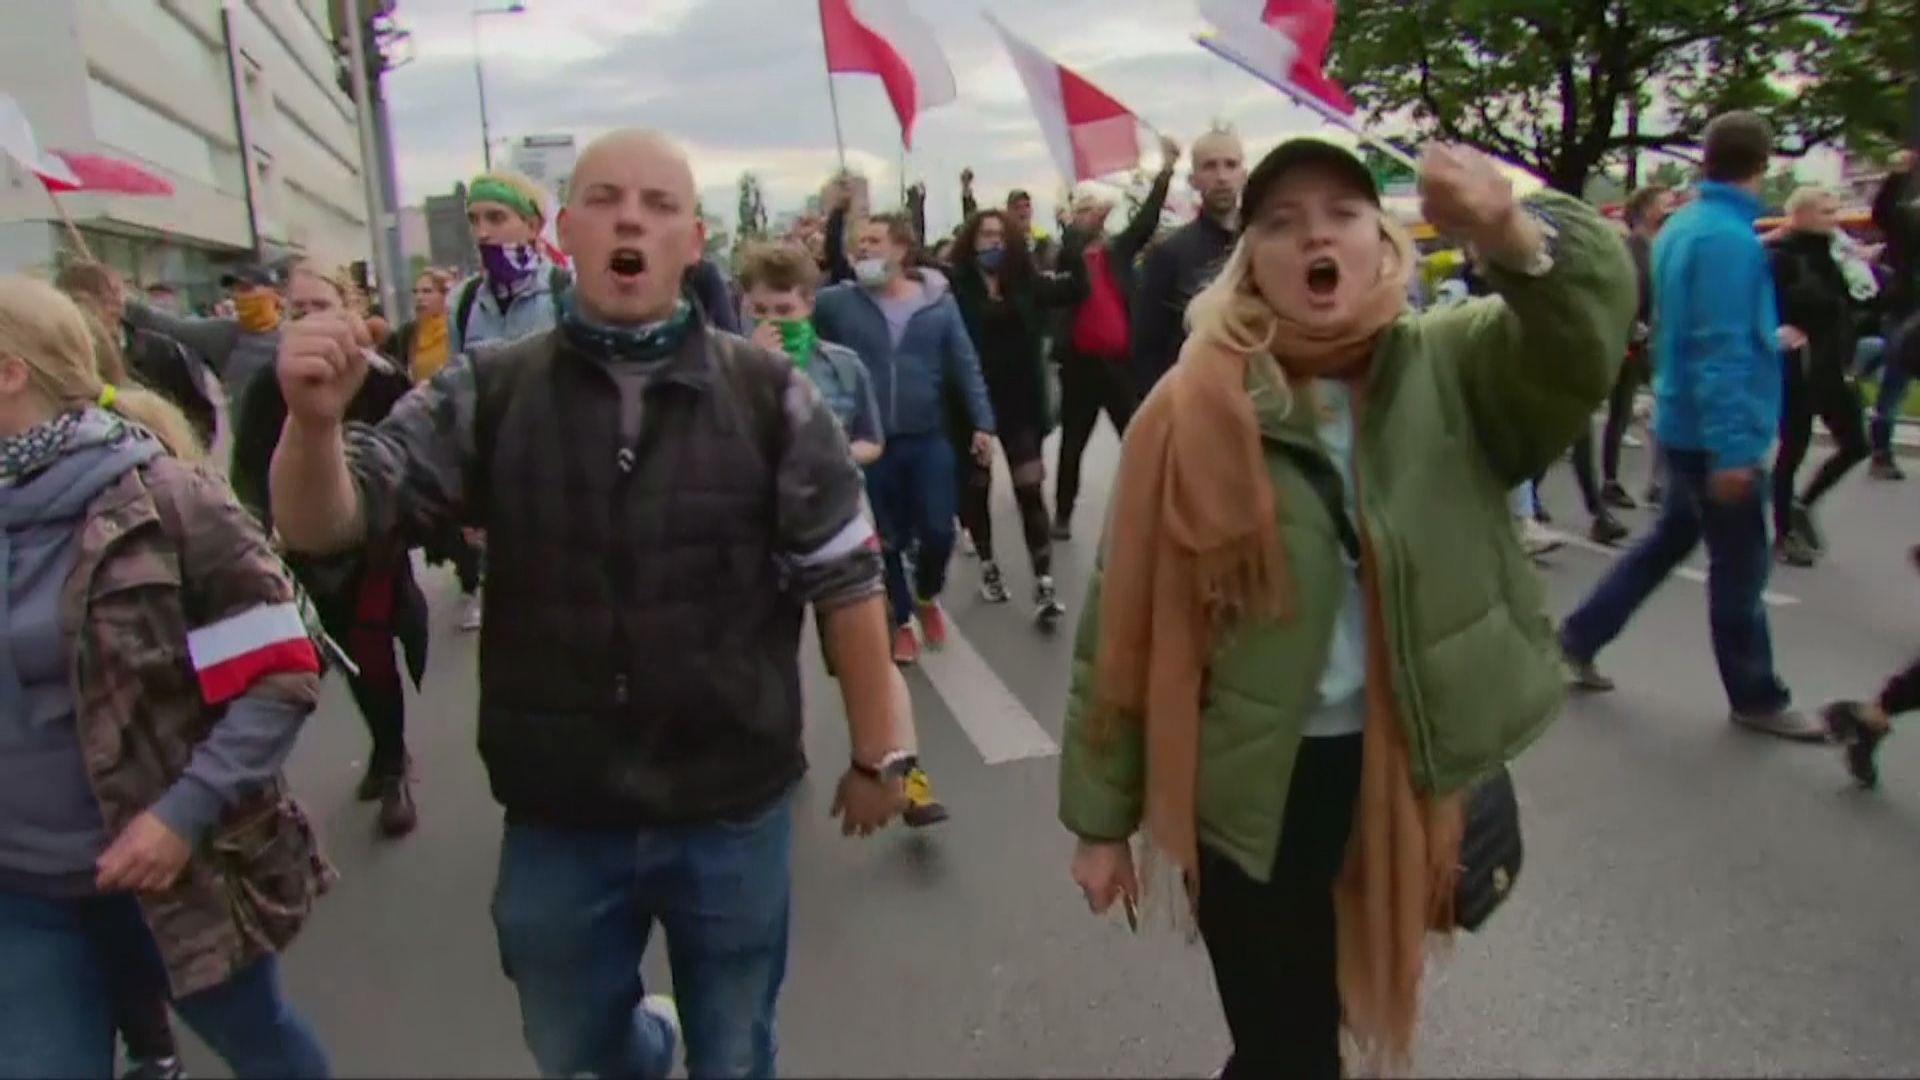 歐洲多國有示威抗議限制措施